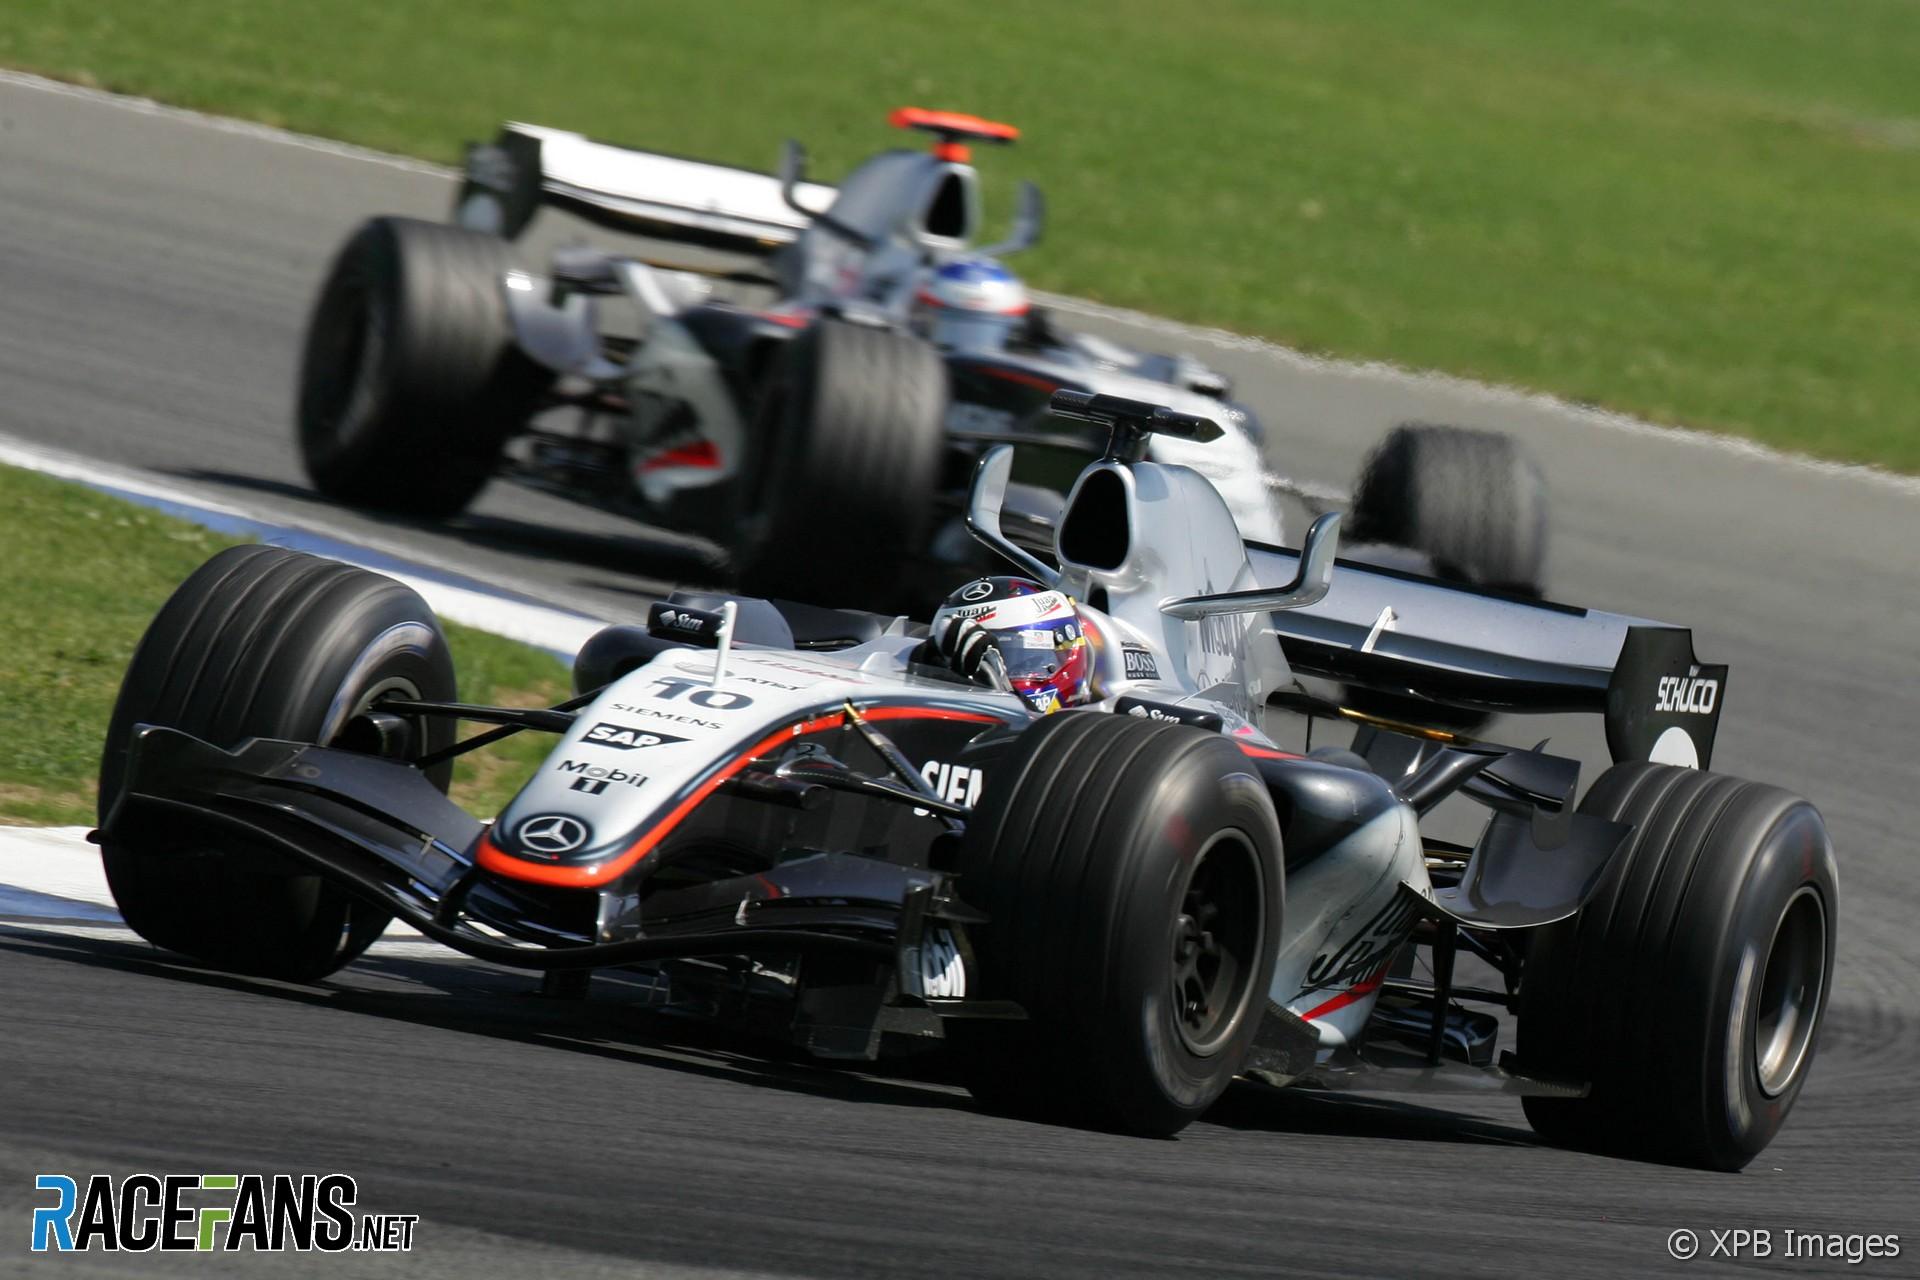 Juan-Pablo Montoya, Kimi Raikkonen, McLaren, Silverstone, 2005